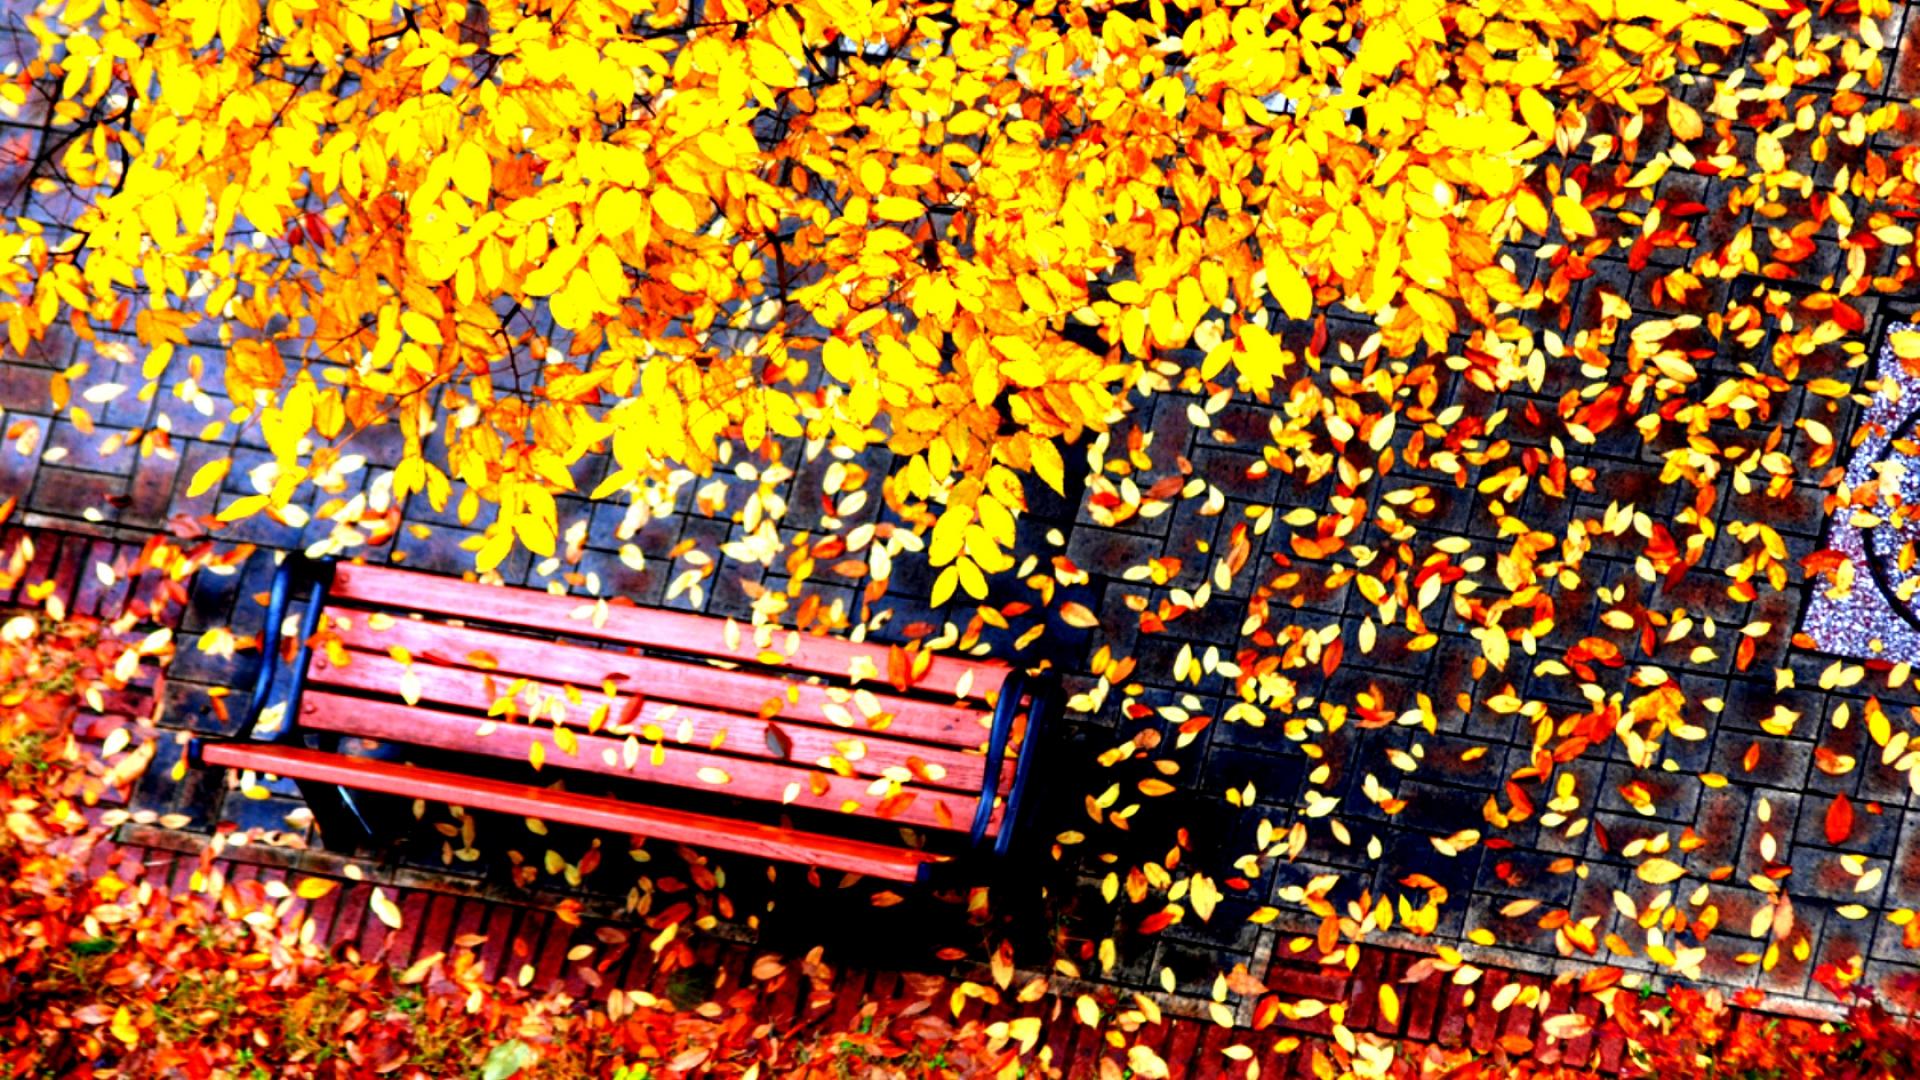 Hình nền mùa thu Autumn32a